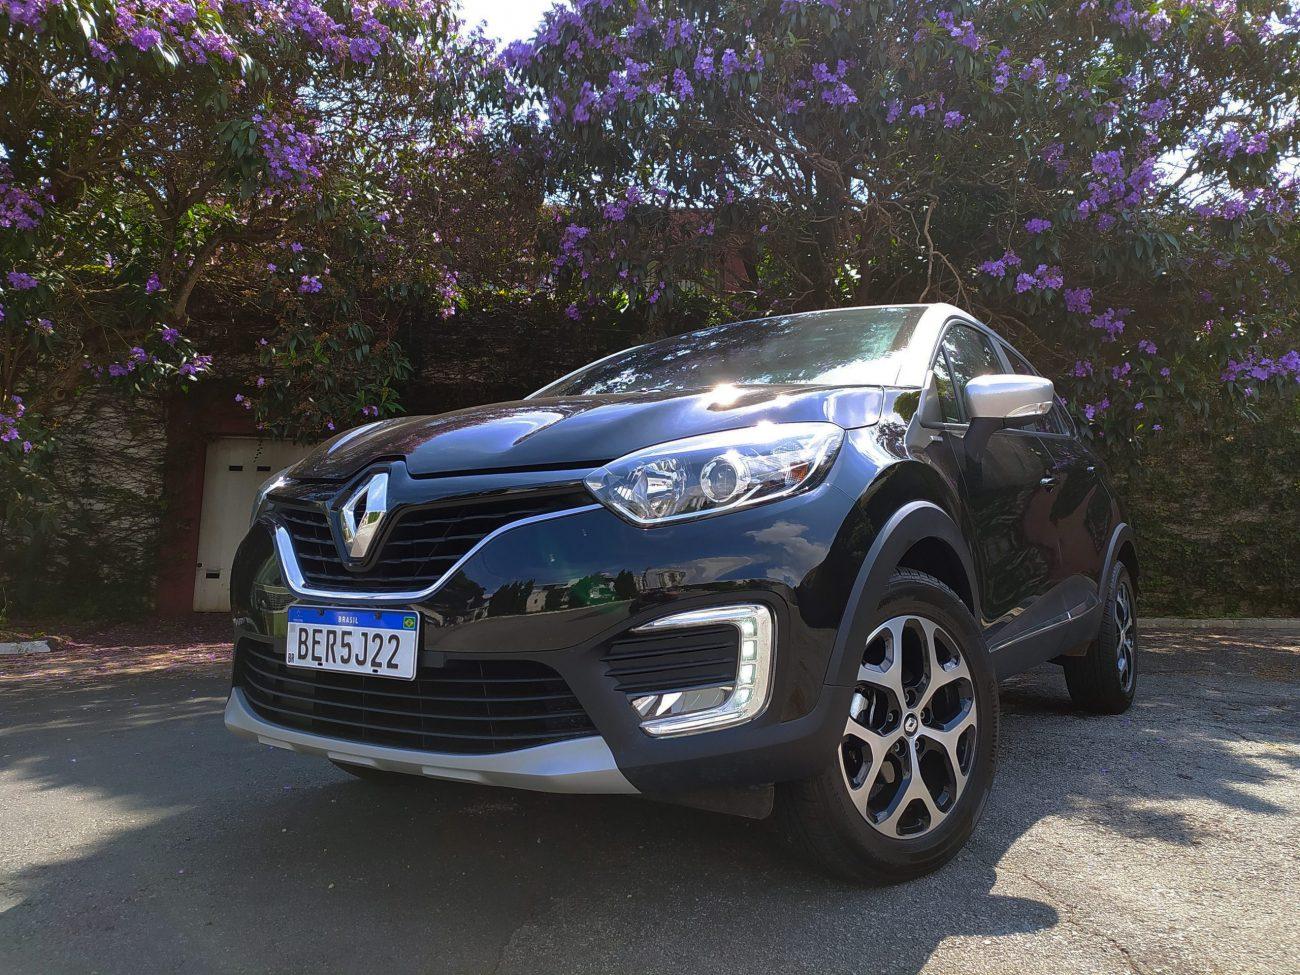 Avaliação: Renault Captur Bose cobra muito por som de grife